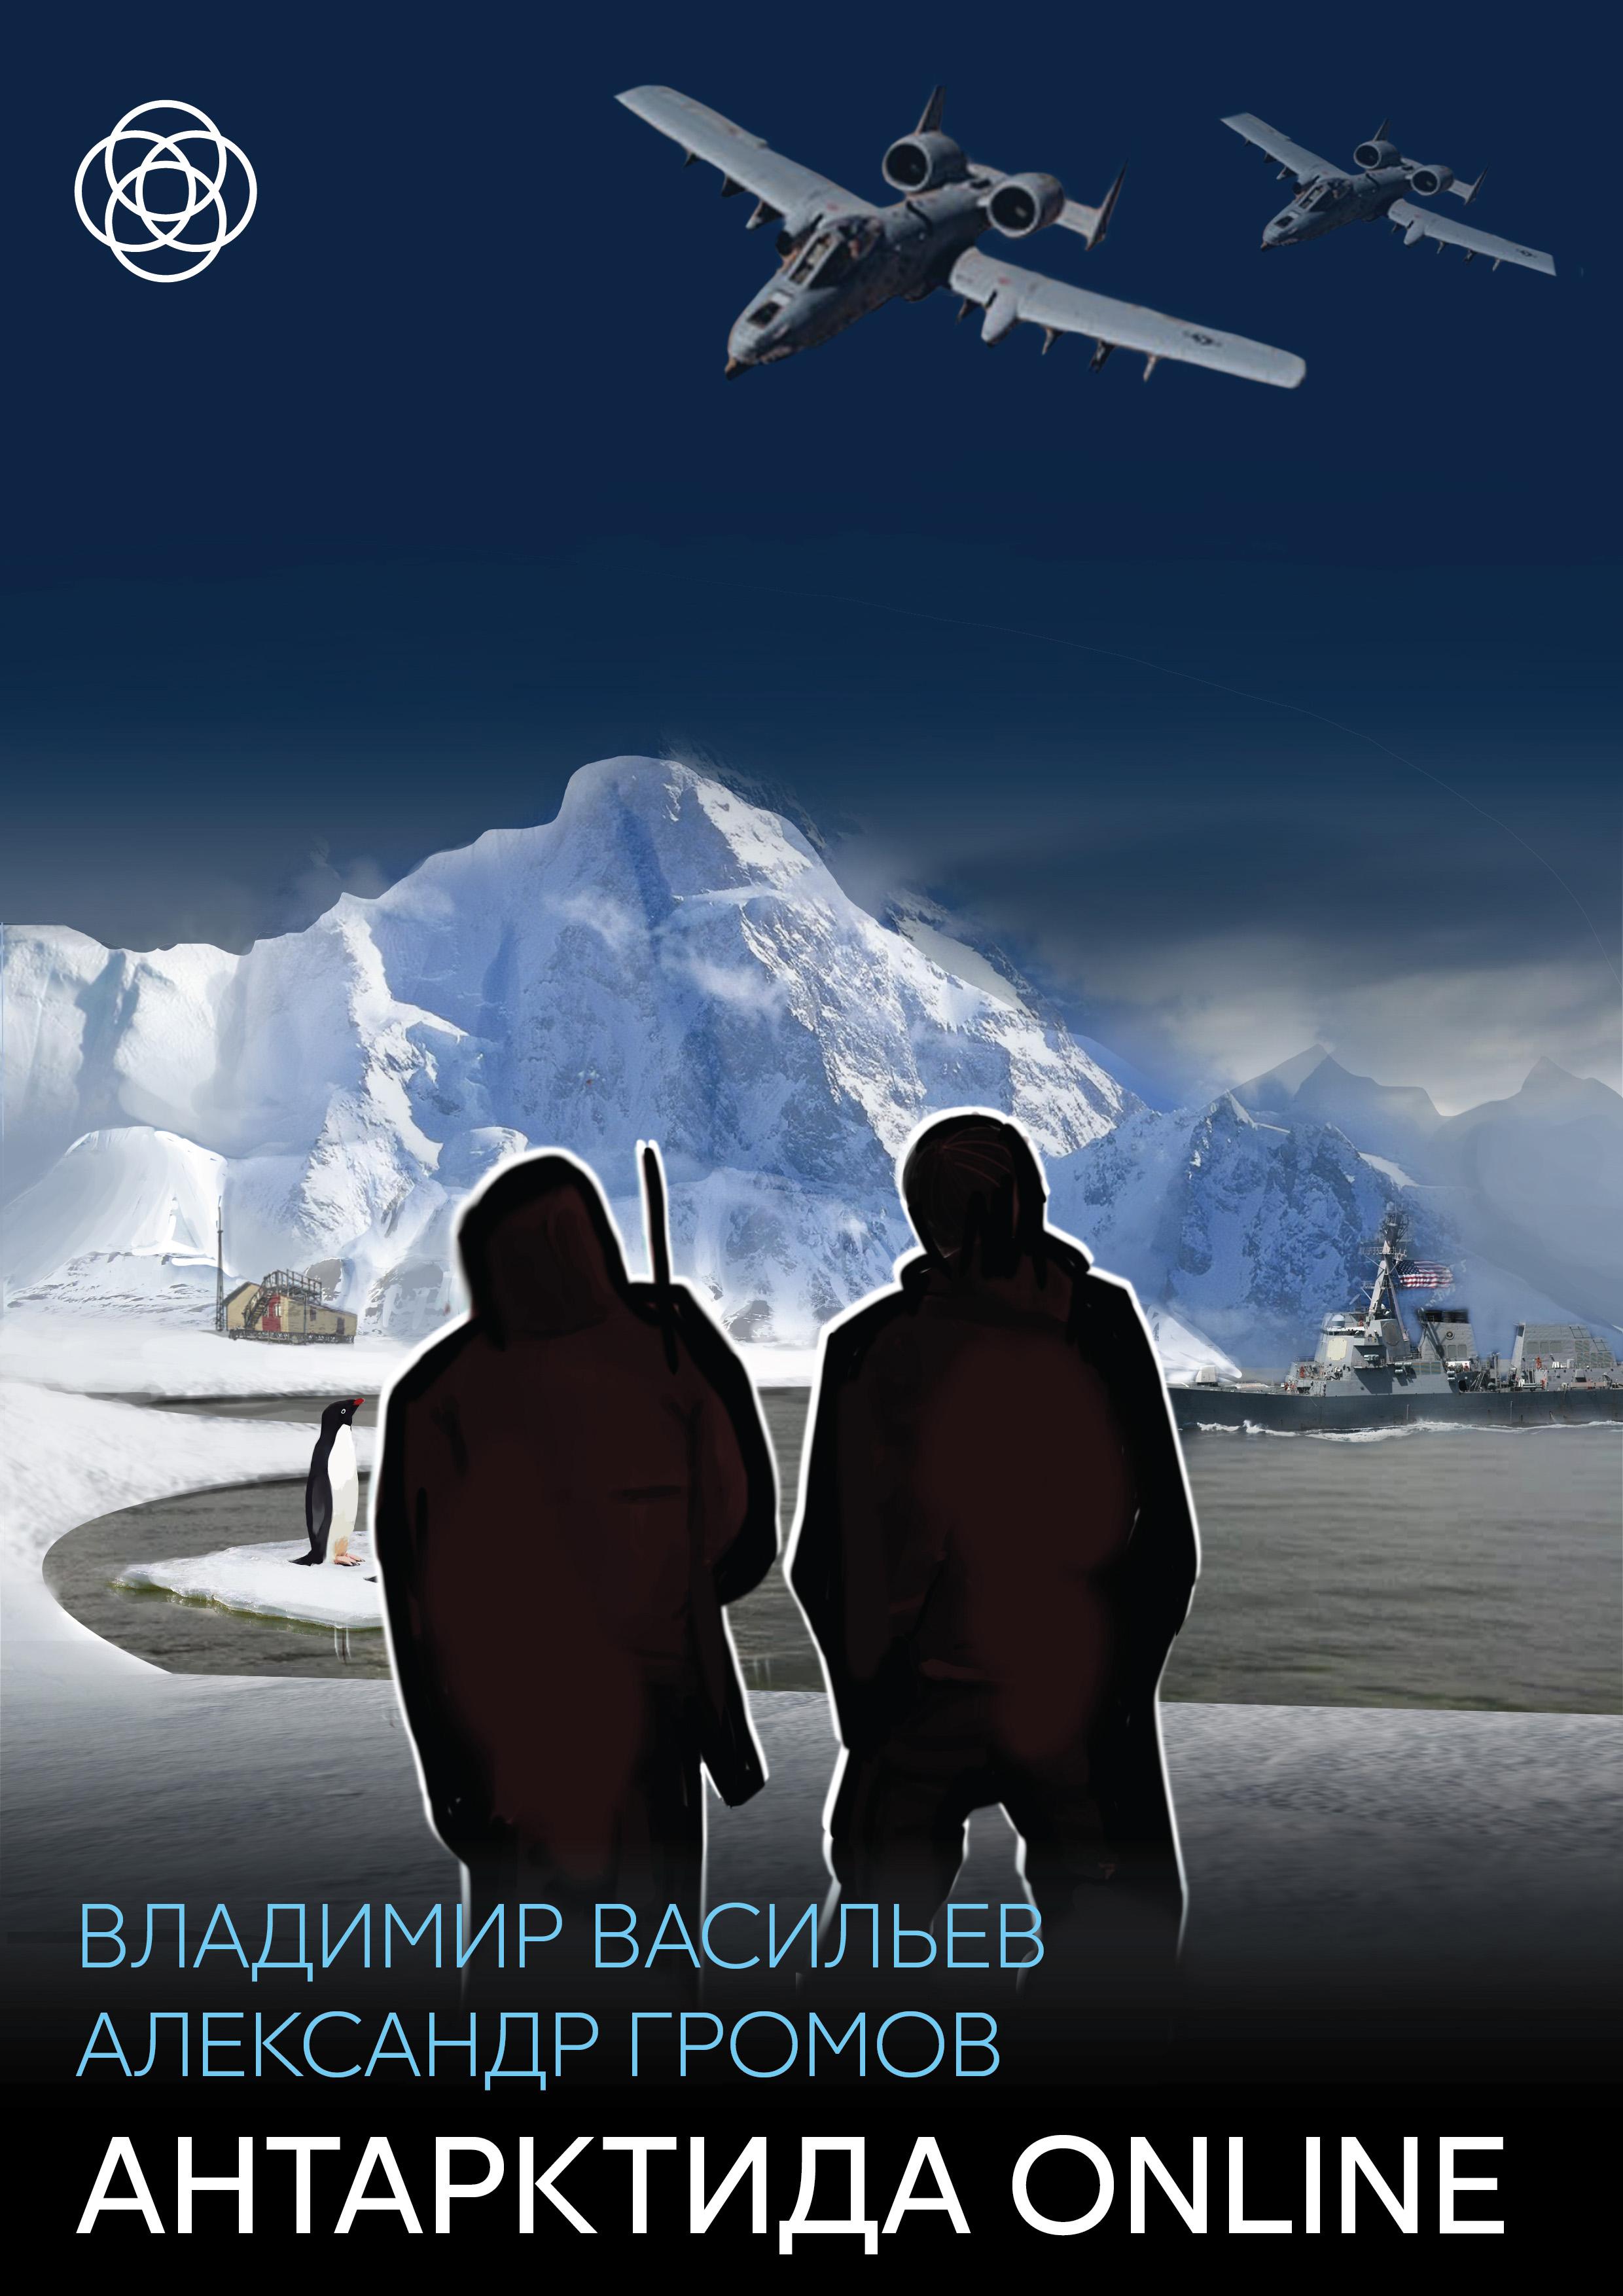 Александр Громов Антарктида online по разные стороны океана сша япония борьба за природные ресурсы тихого океана